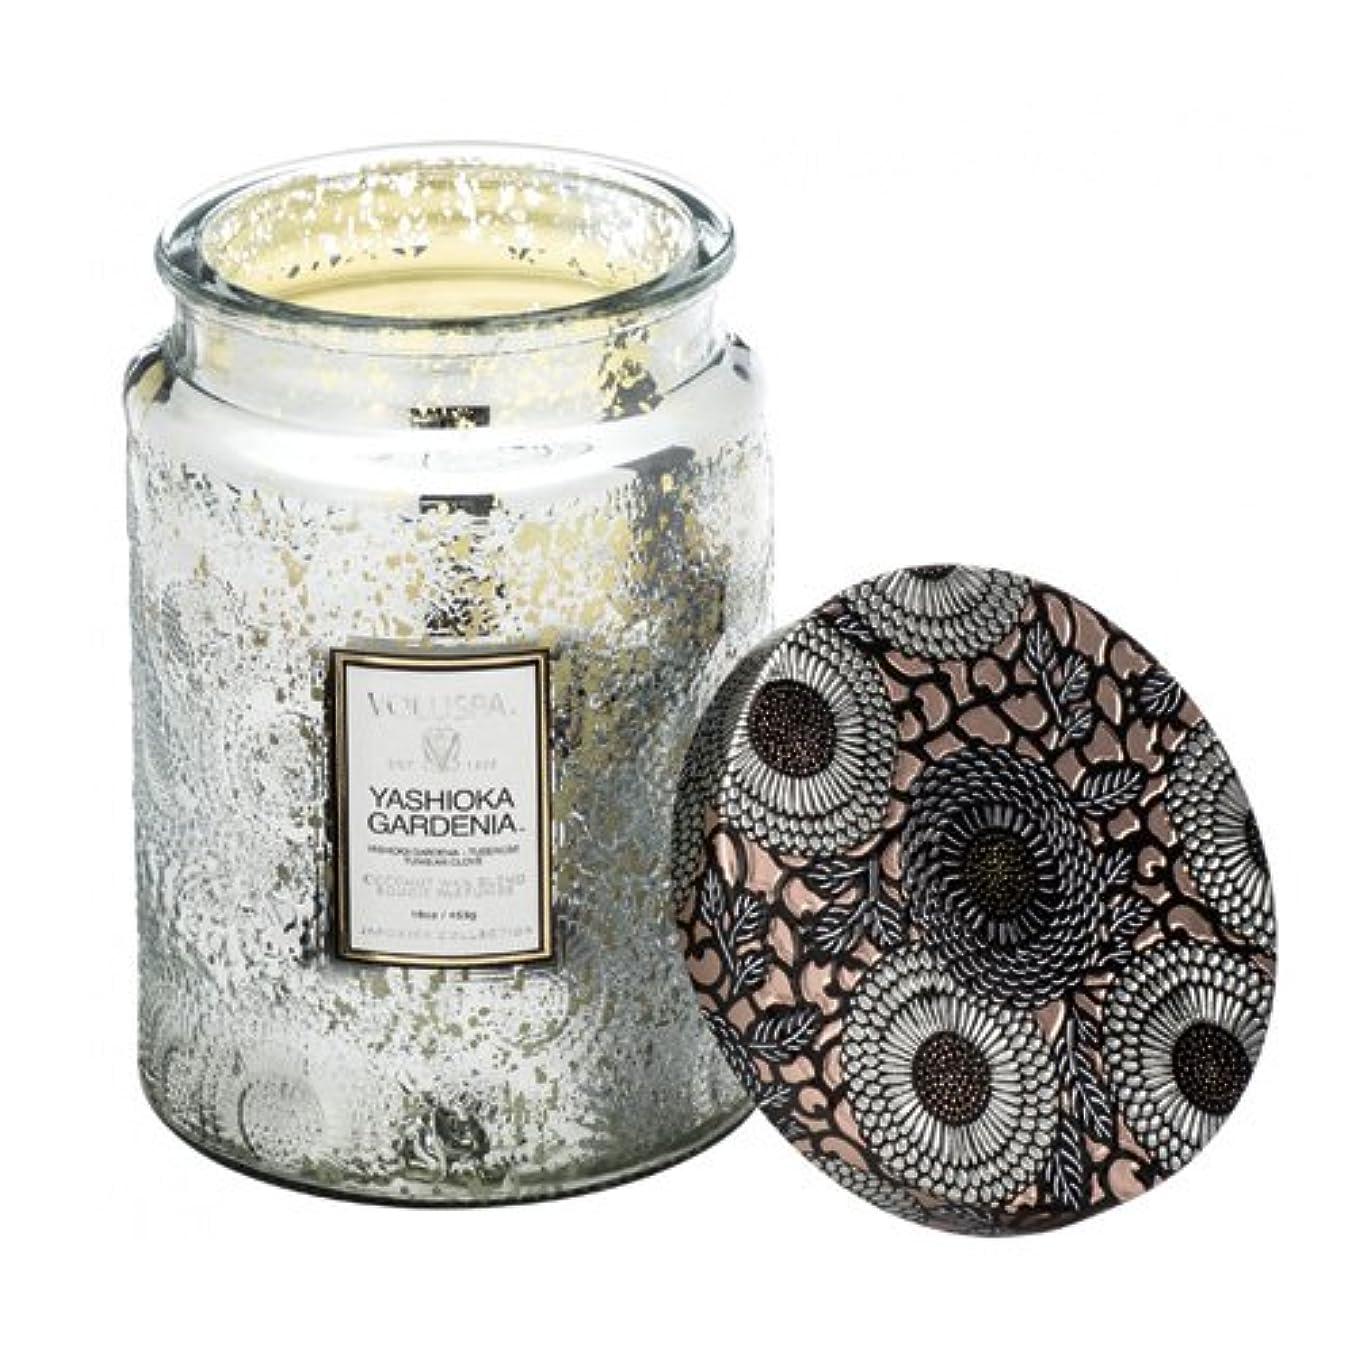 大ストレス情熱Voluspa ボルスパ ジャポニカ リミテッド グラスジャーキャンドル  L ヤシオカガーデニア YASHIOKA GARDENIA JAPONICA Limited LARGE EMBOSSED Glass jar...